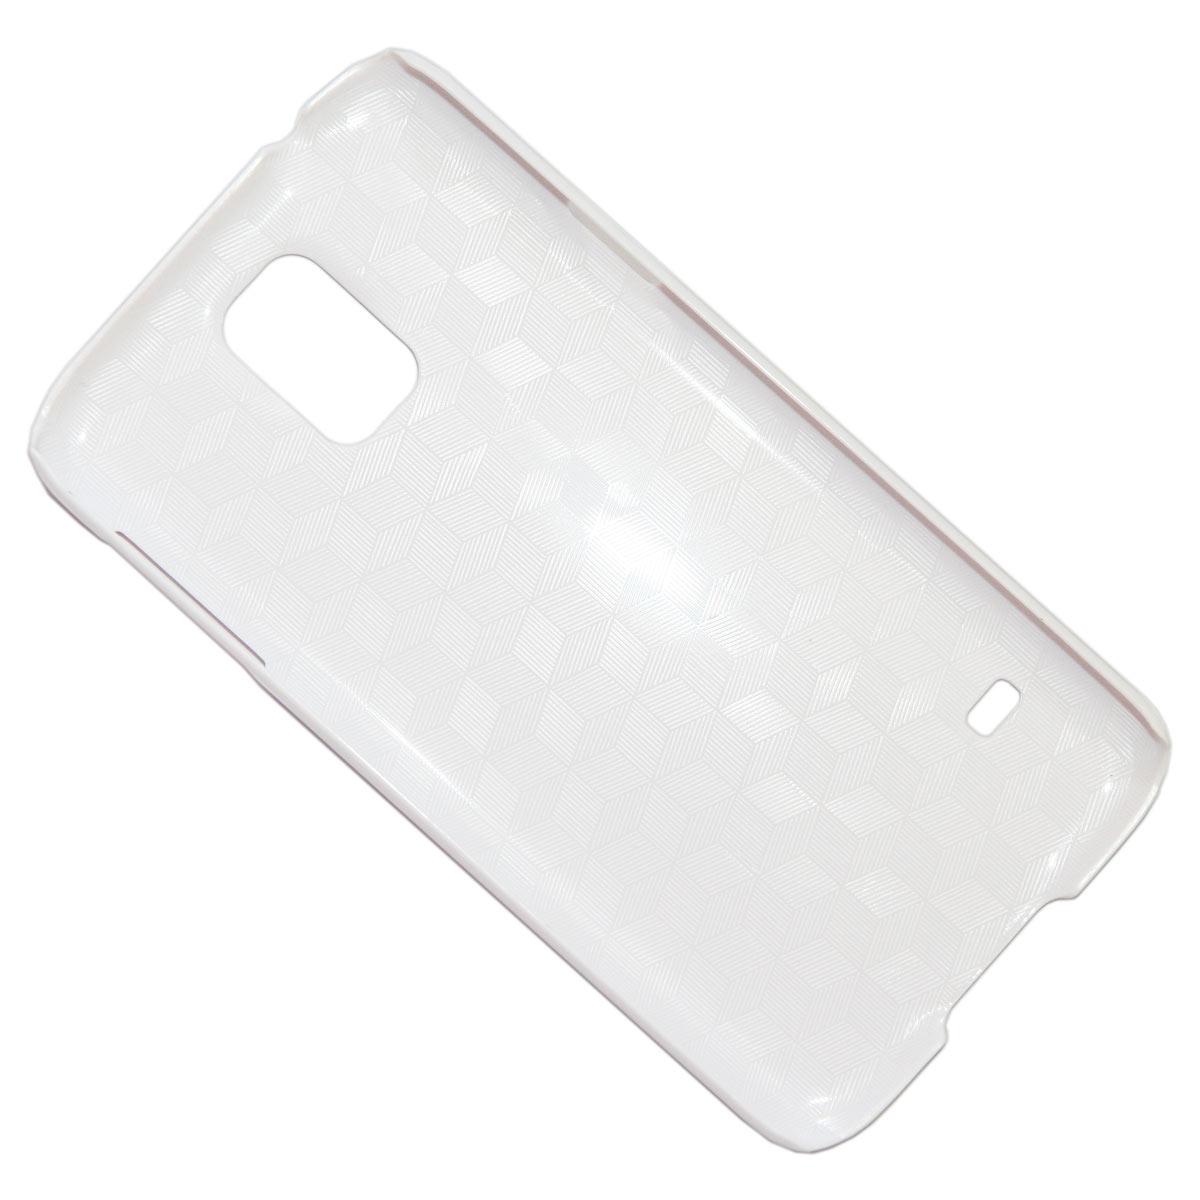 Etui do Samsunga Galaxy S5 z wklejaną metalową płytką do sublimacji